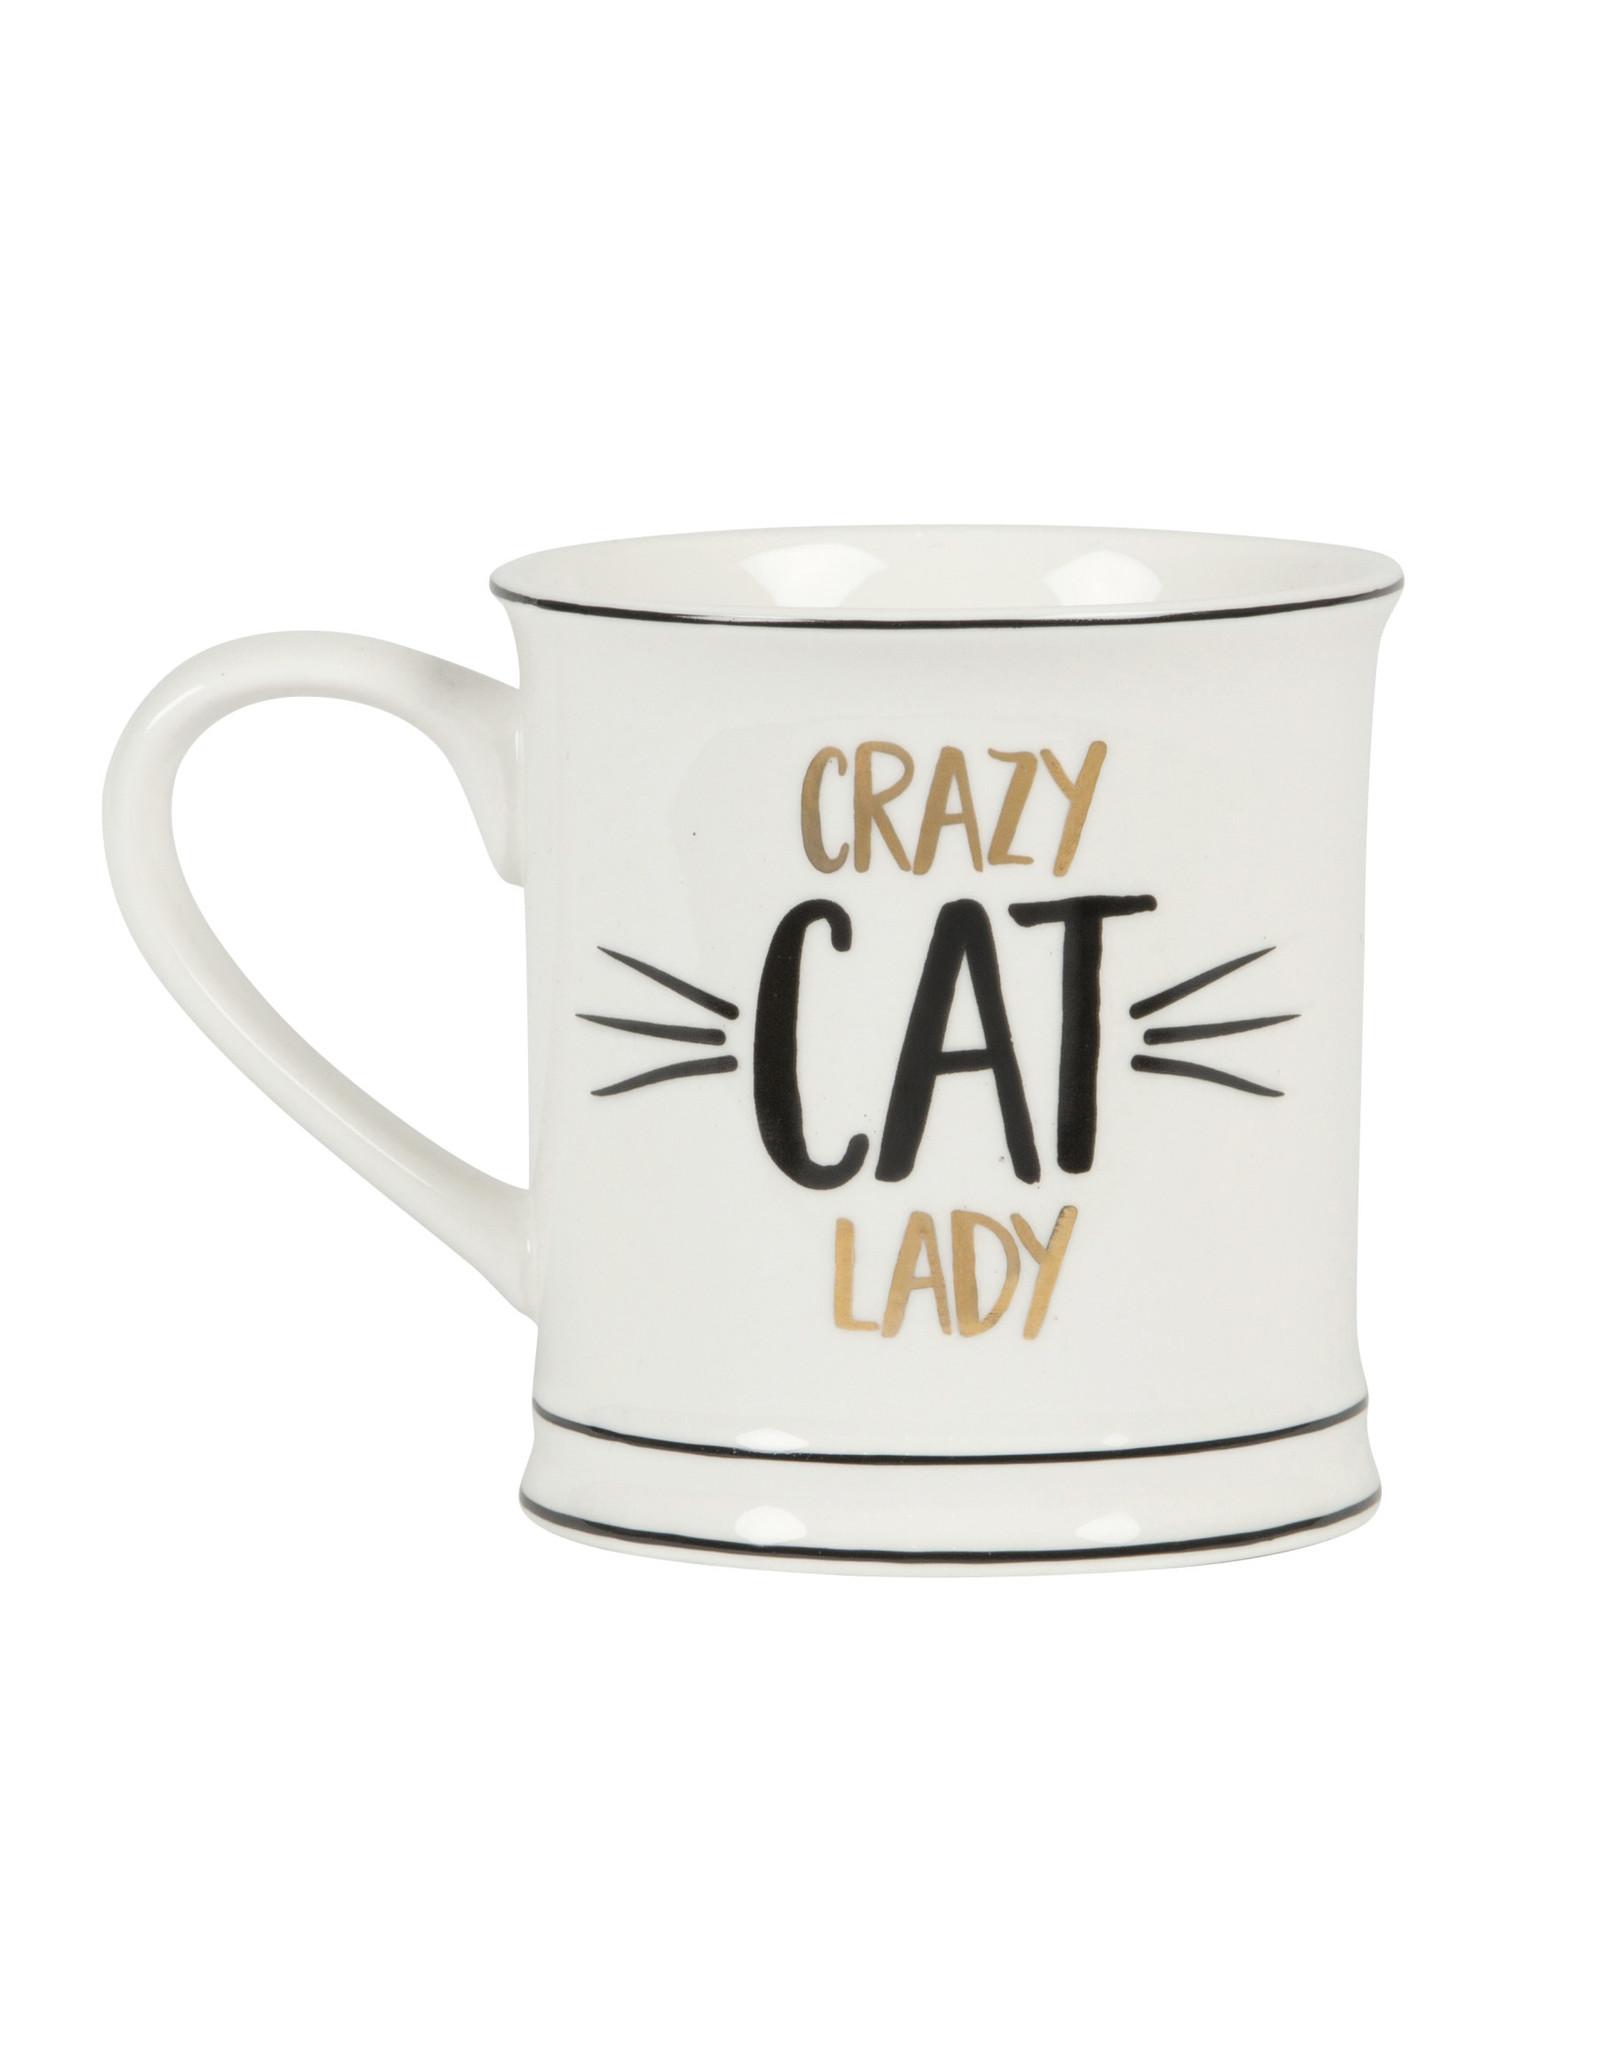 mug - crazy cat lady